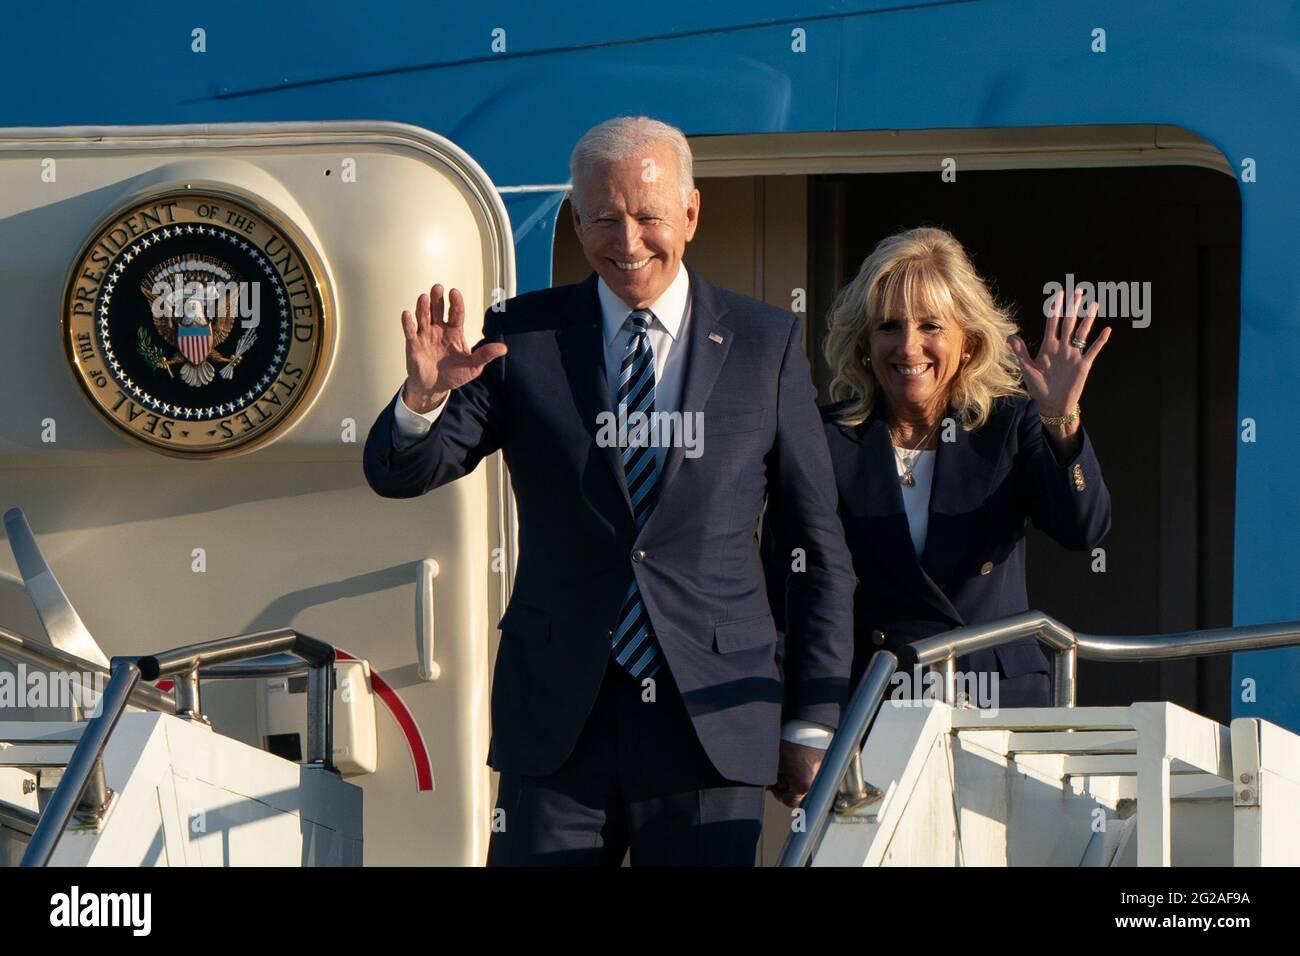 Il presidente DEGLI STATI UNITI Joe Biden e First Lady Jill Biden arrivano sull'Air Force One a RAF Mildenhall a Suffolk, prima della vetta del G7 in Cornovaglia. Data immagine: Mercoledì 9 giugno 2021. Foto Stock